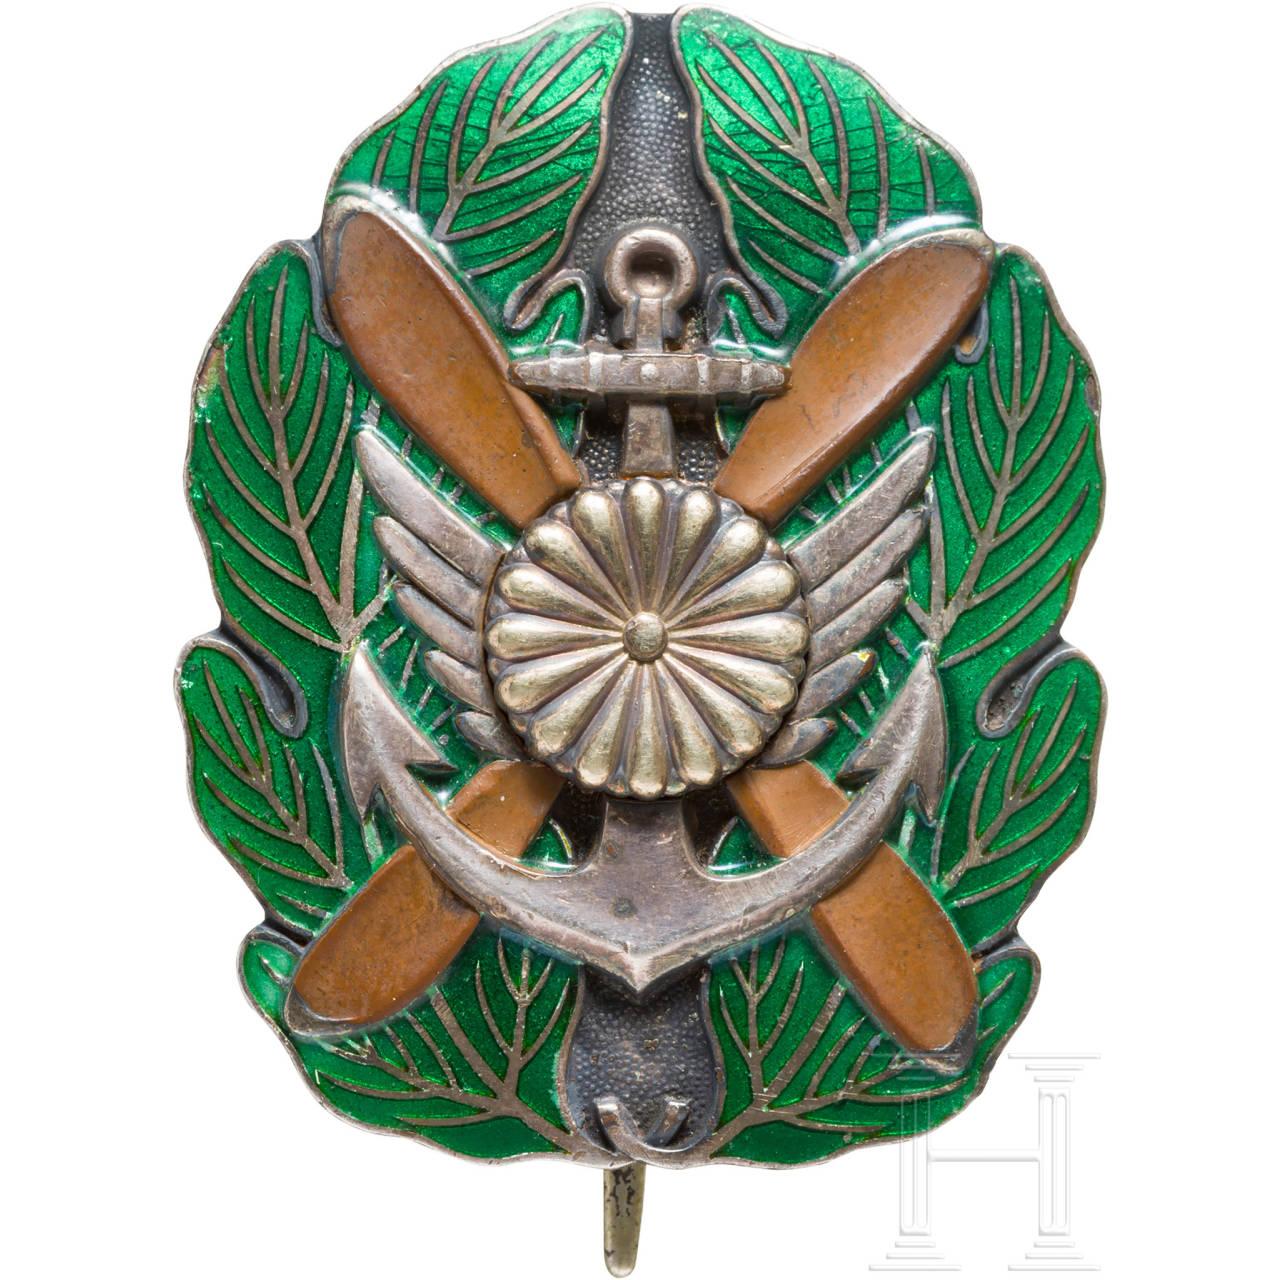 Leistungsabzeichen für Offiziere der Marineflieger, 2. Weltkrieg